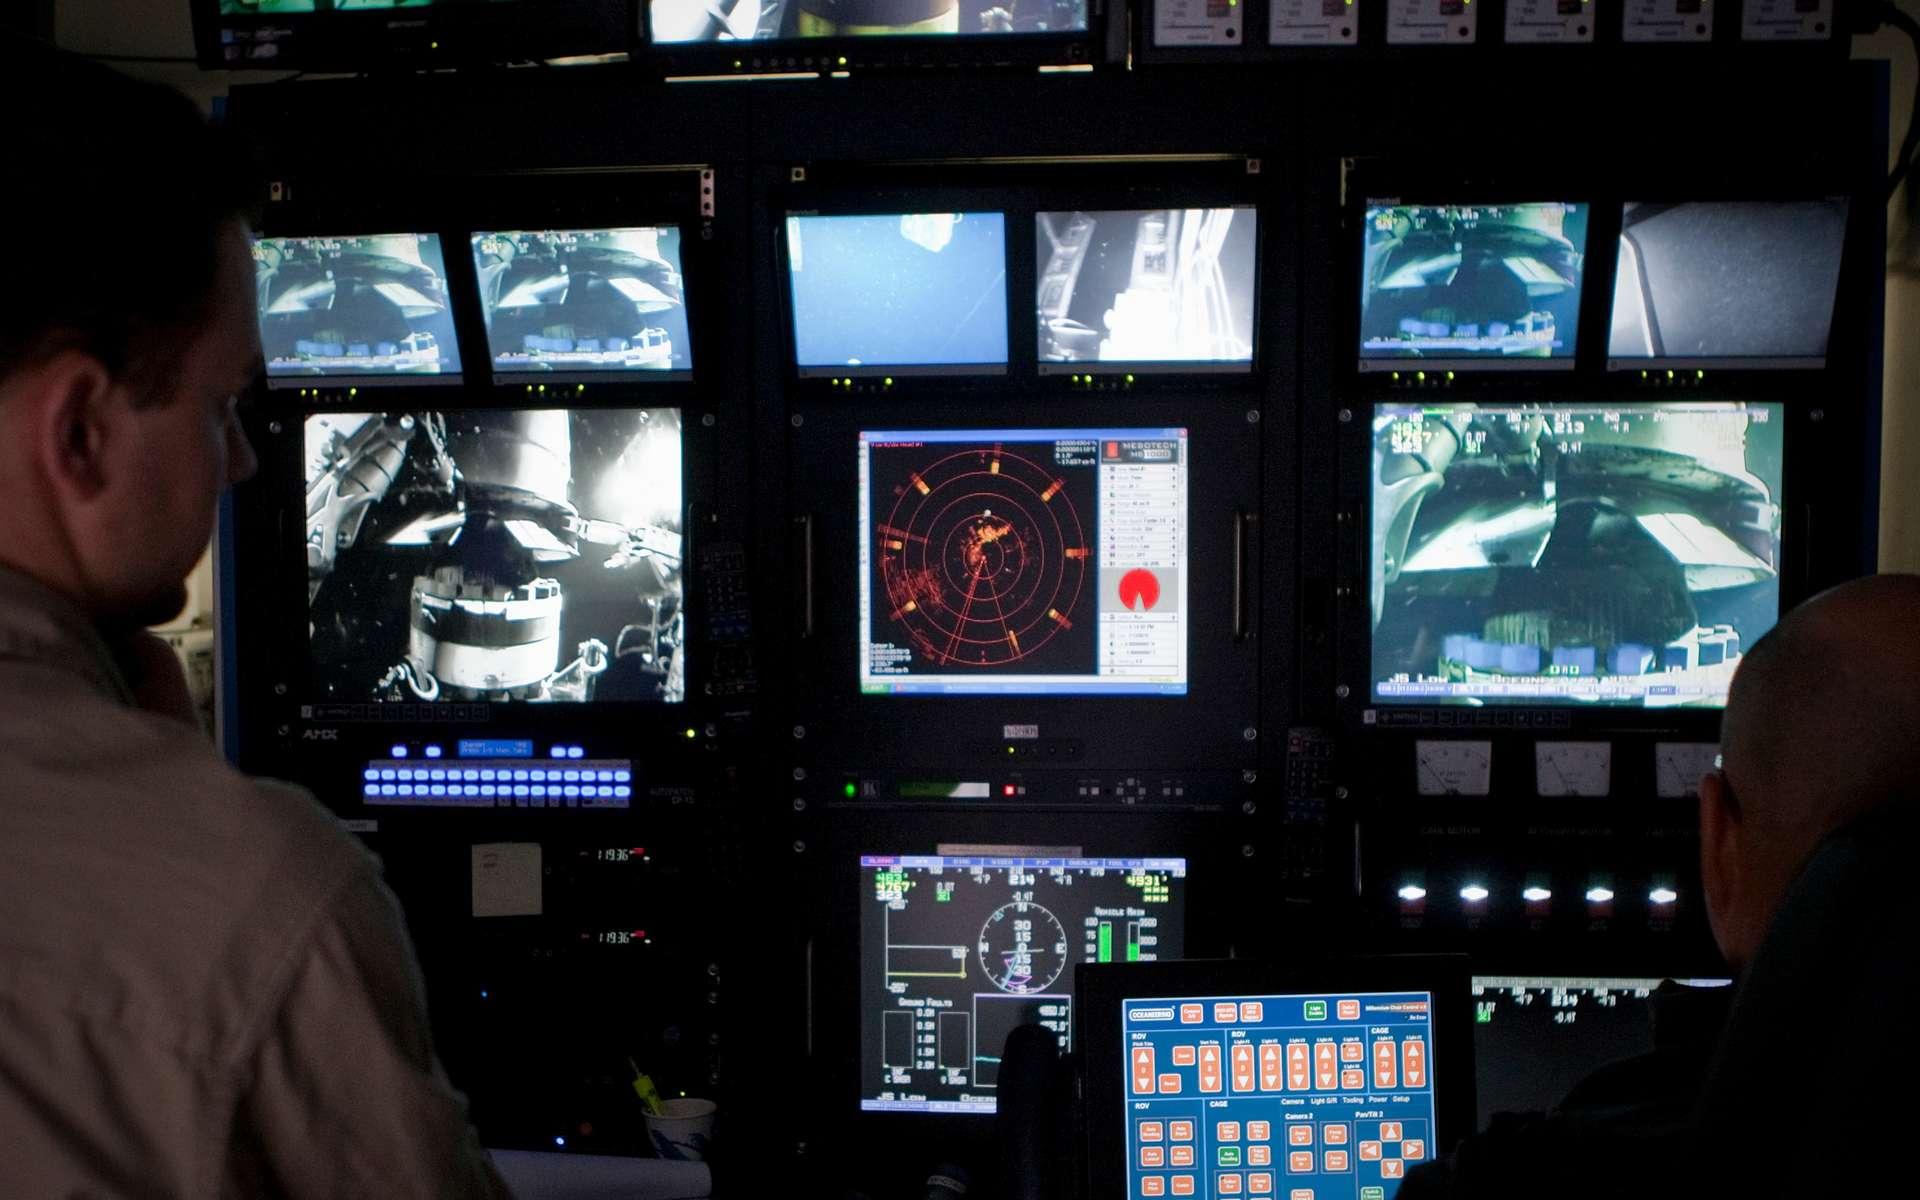 Le poste de contrôle des ROV (Remotely Operated Vehicles), les engins sous-marins télécommandés qui assurent les interventions jusqu'à 1.500 mètres de profondeur. © BP